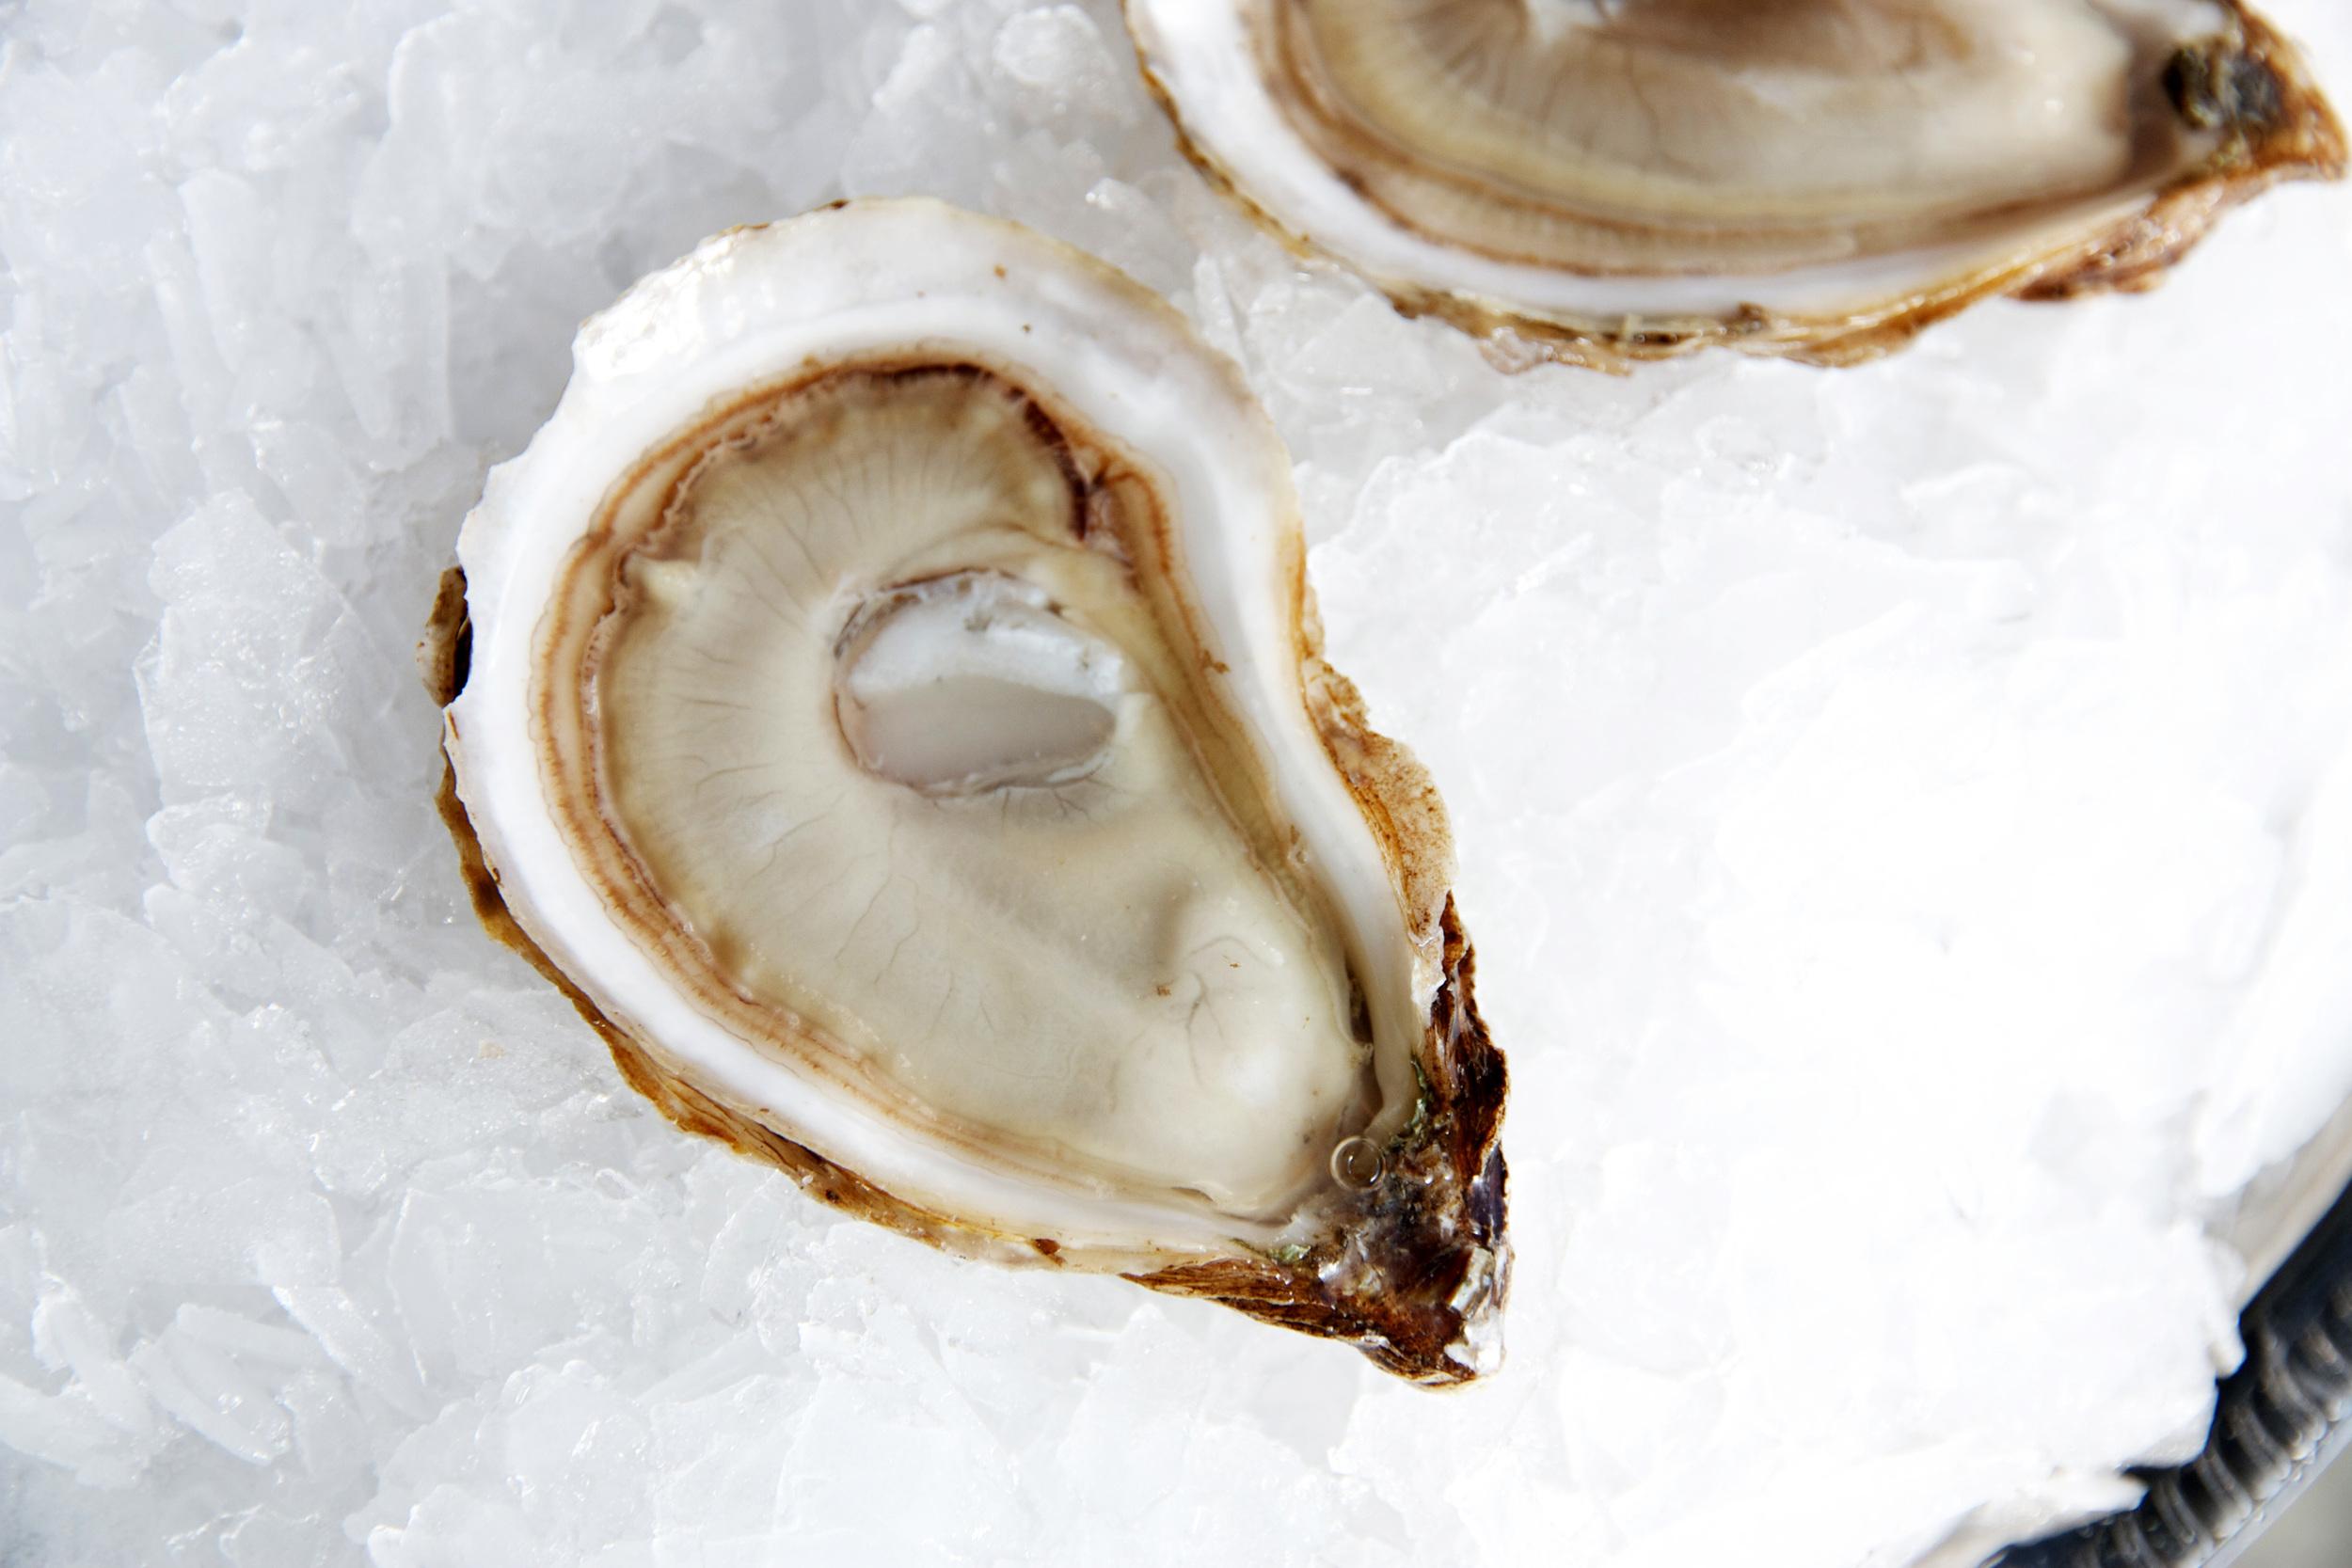 Pangea Shellfish Saint Simon Oyster 1.jpg